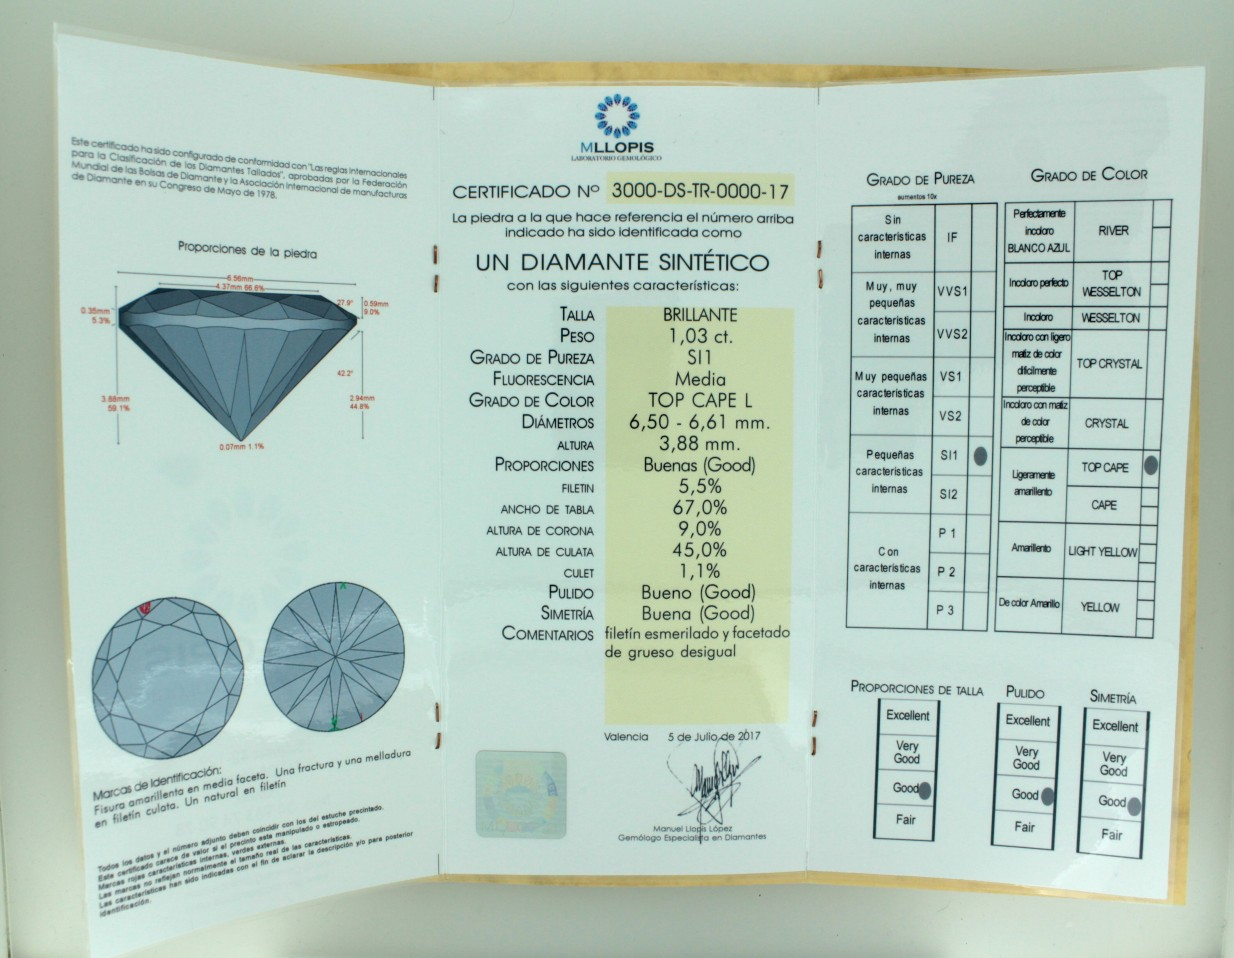 certificado de diamante sintetico